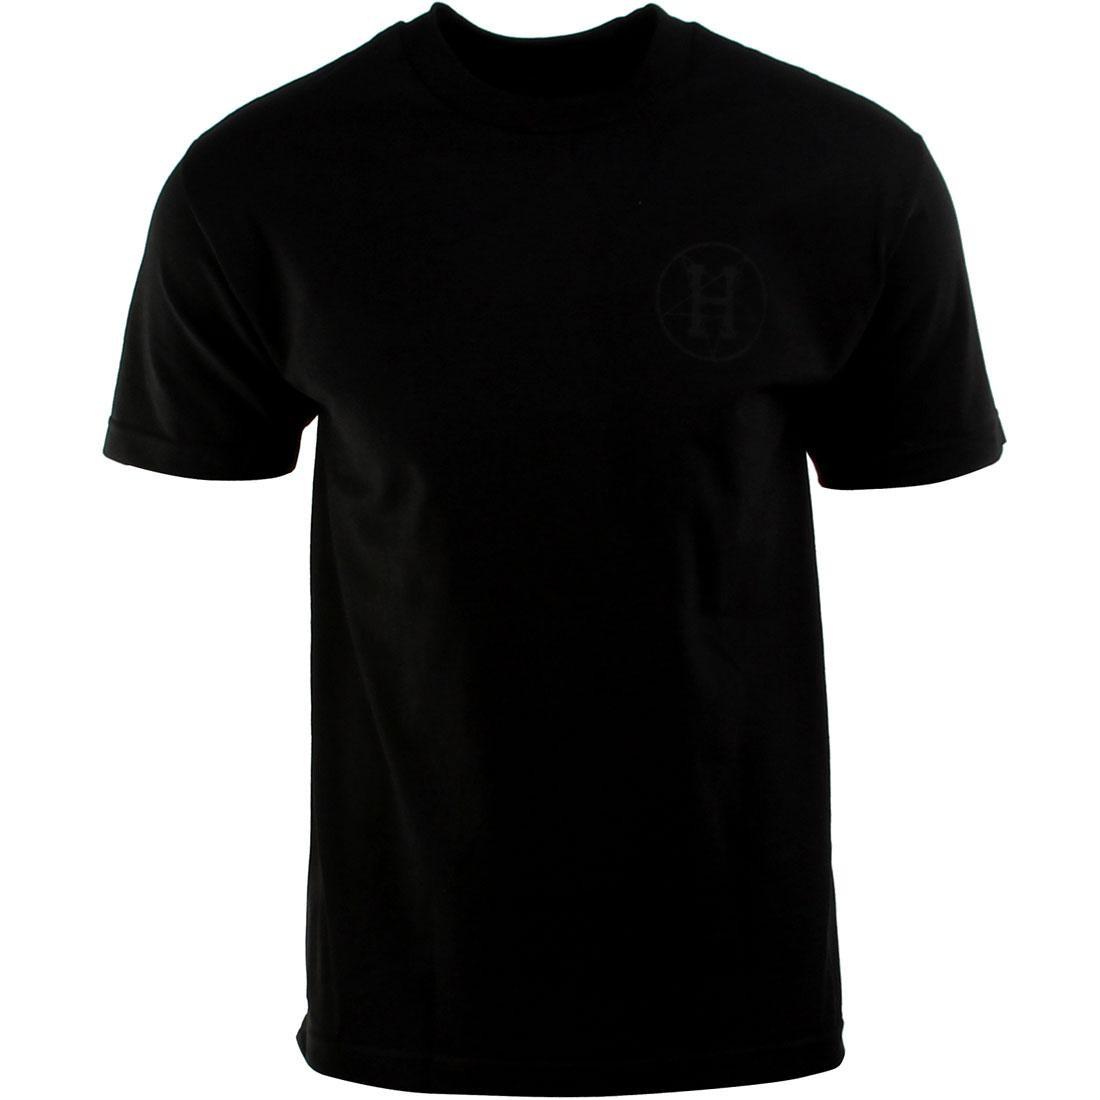 HUF ハフ 黒 ブラック Tシャツ 【 HUF BLACK X SCALE QUEEN TEE 】 メンズファッション トップス Tシャツ カットソー